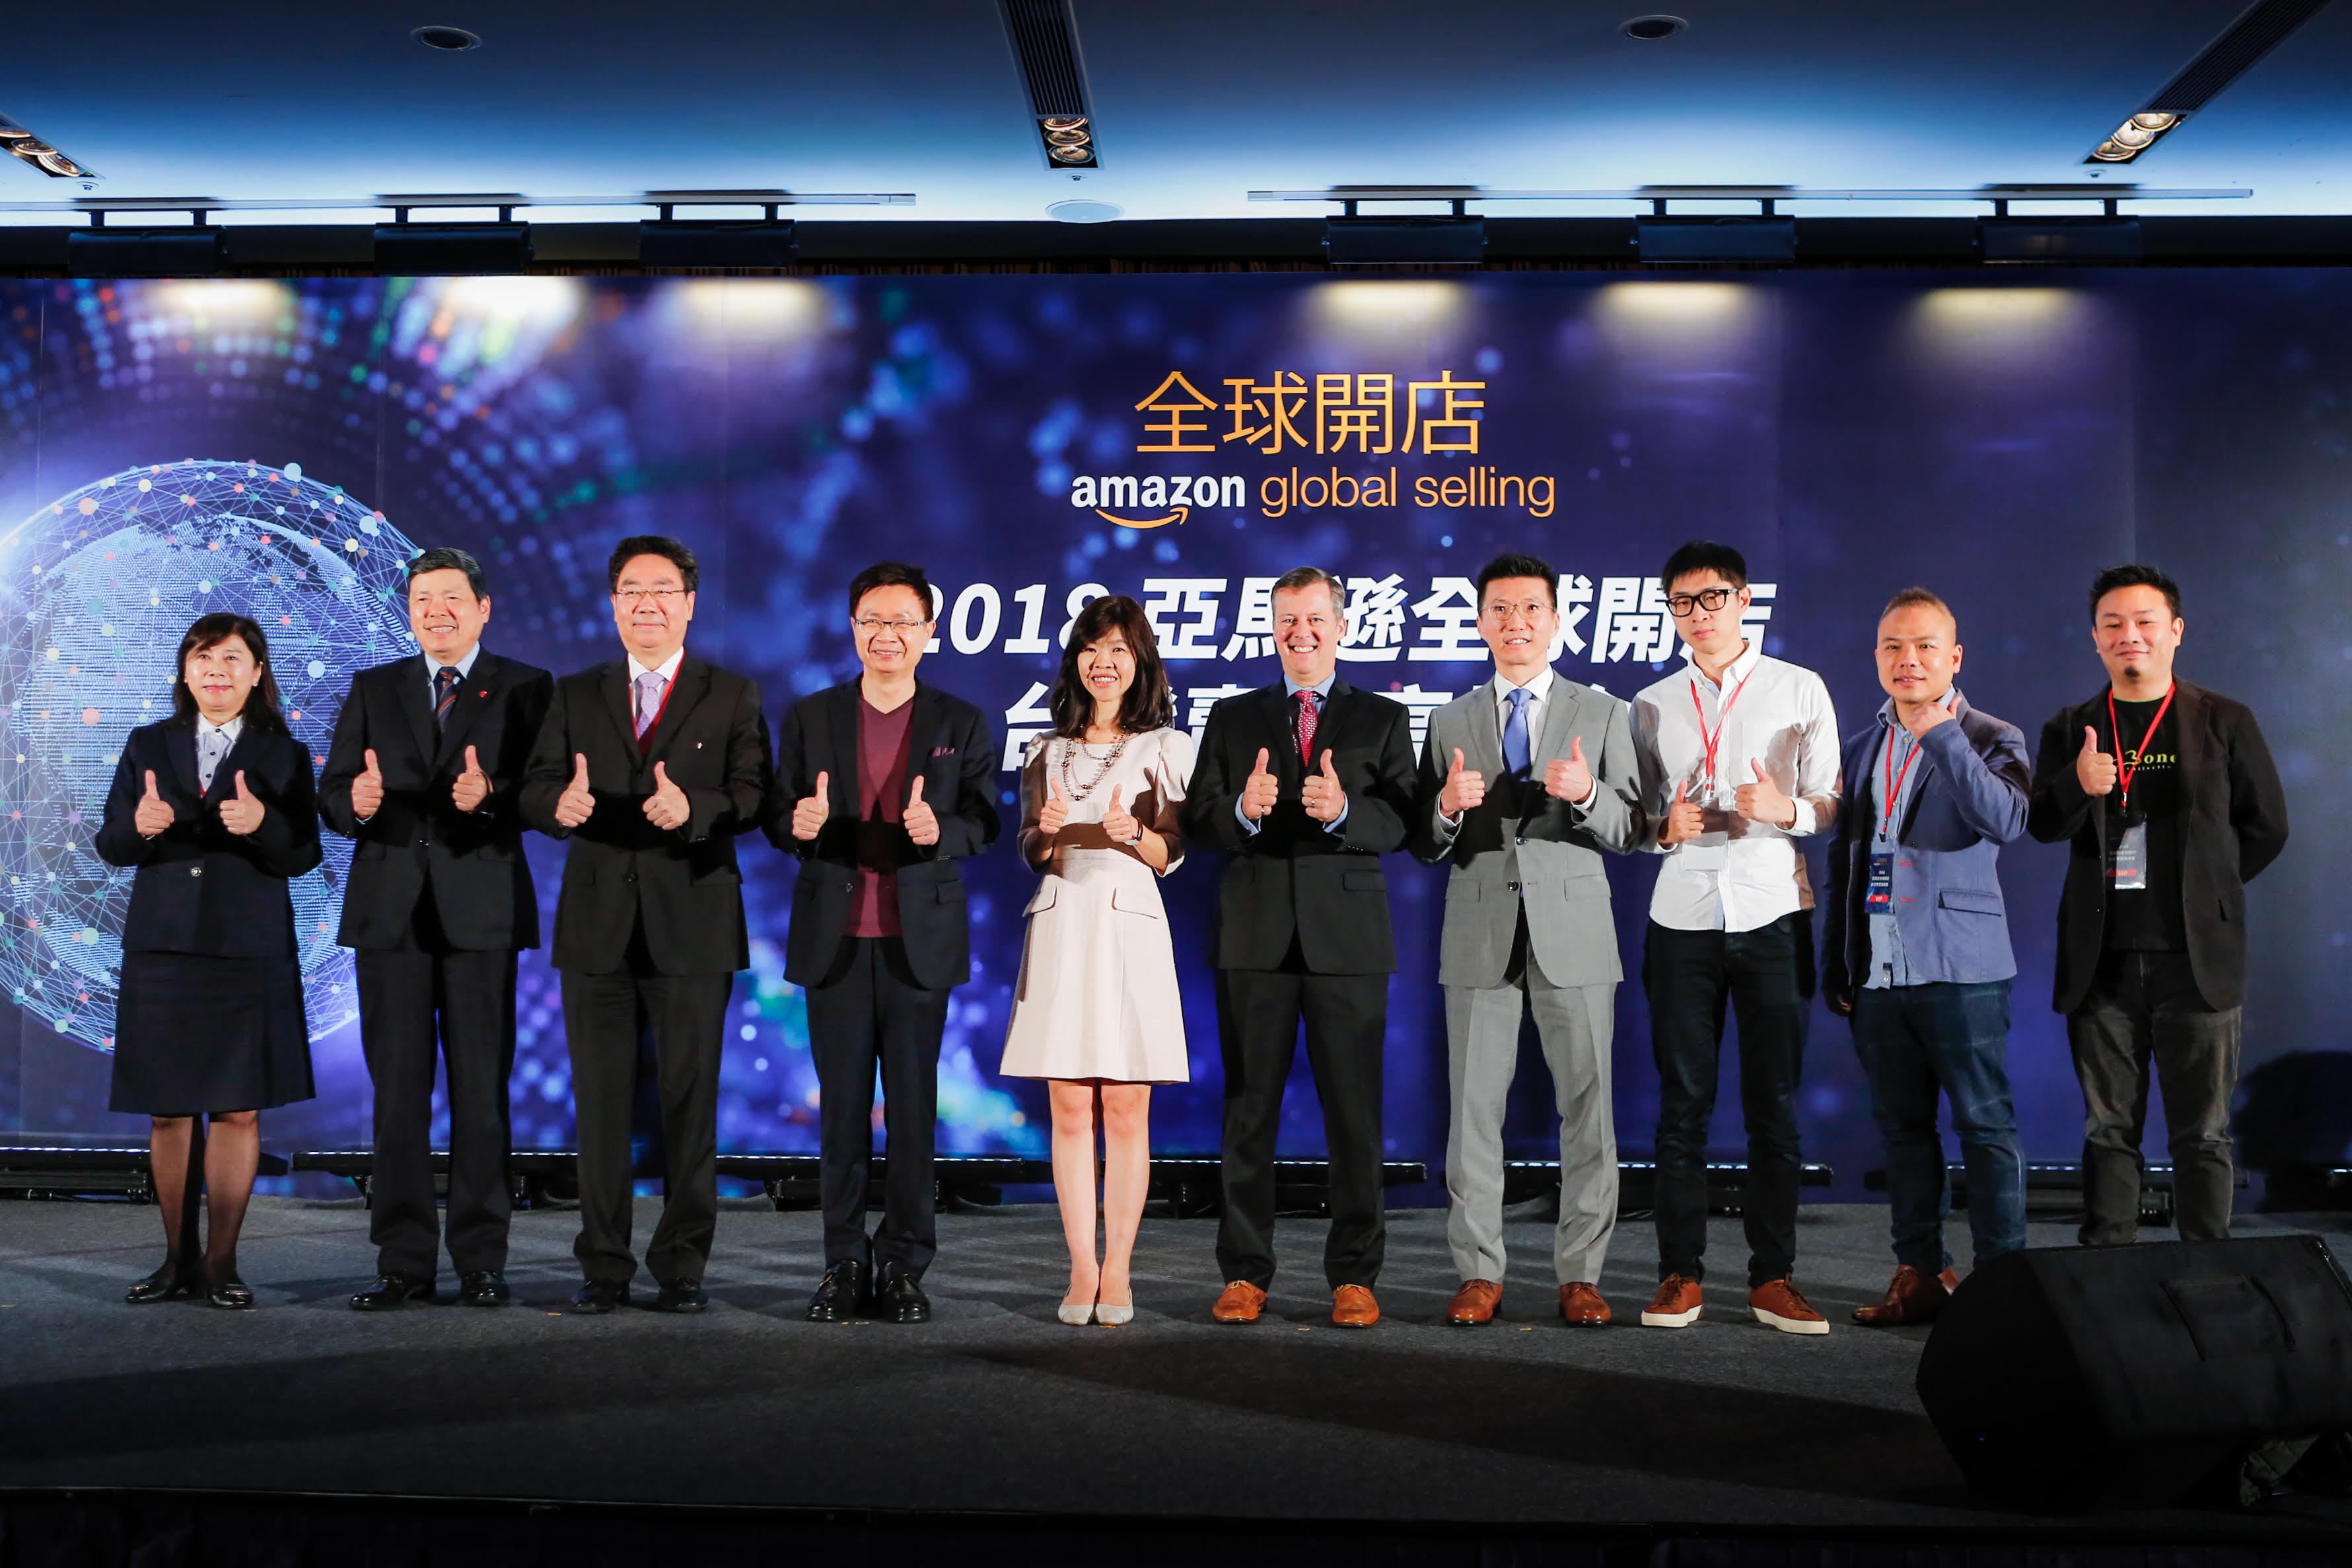 台灣精品賣向全球!亞馬遜歐洲及澳洲站點台灣賣家招募計畫即將開啟